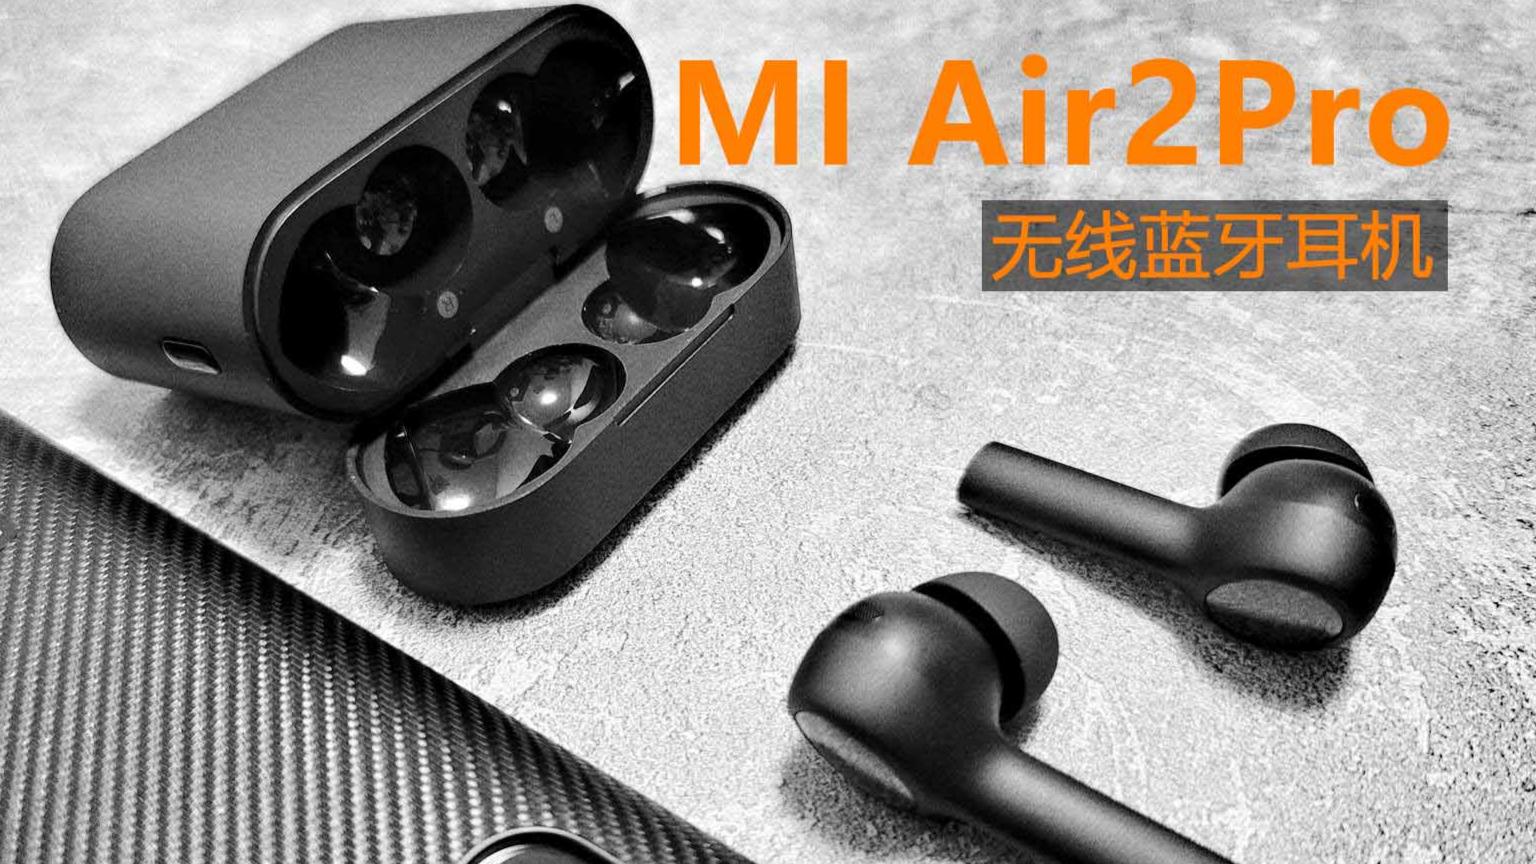 【小米Air2Pro 蓝牙耳机评测】米式性价比之选,就是实在比较中庸